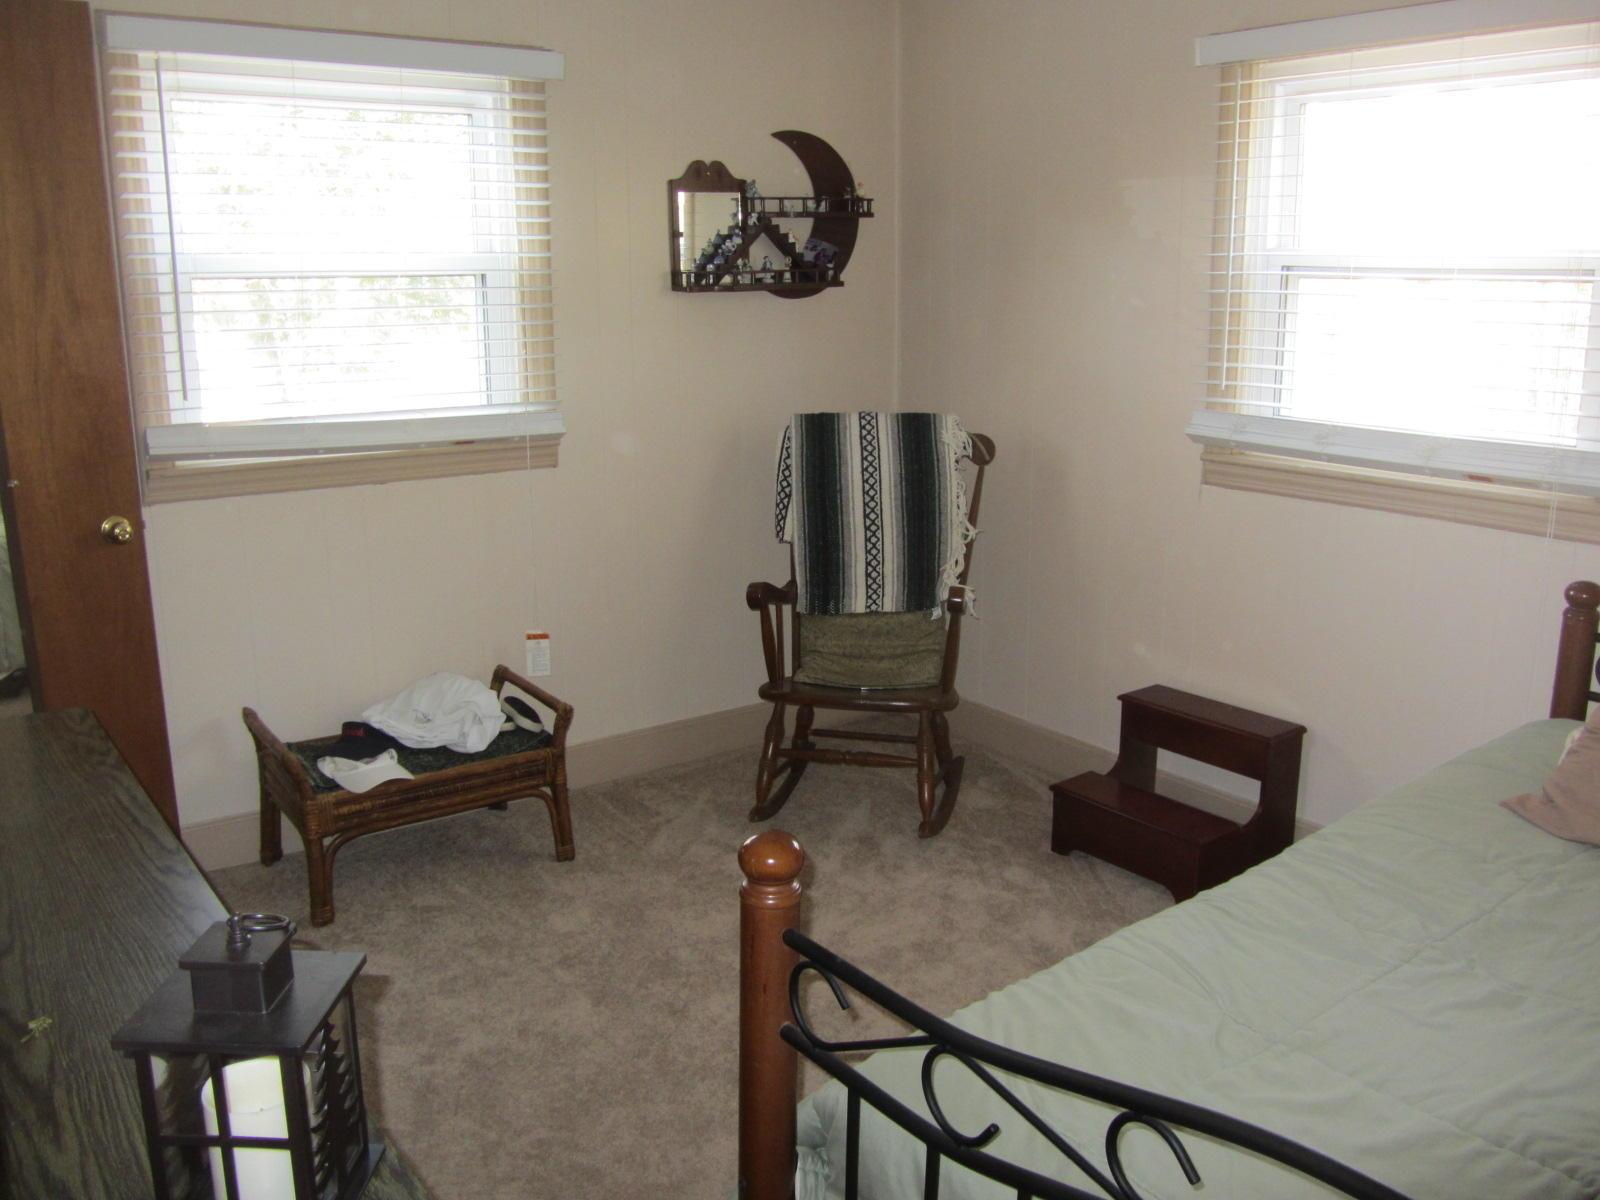 Edisto River Homes For Sale - 265 Blackwater, Round O, SC - 19